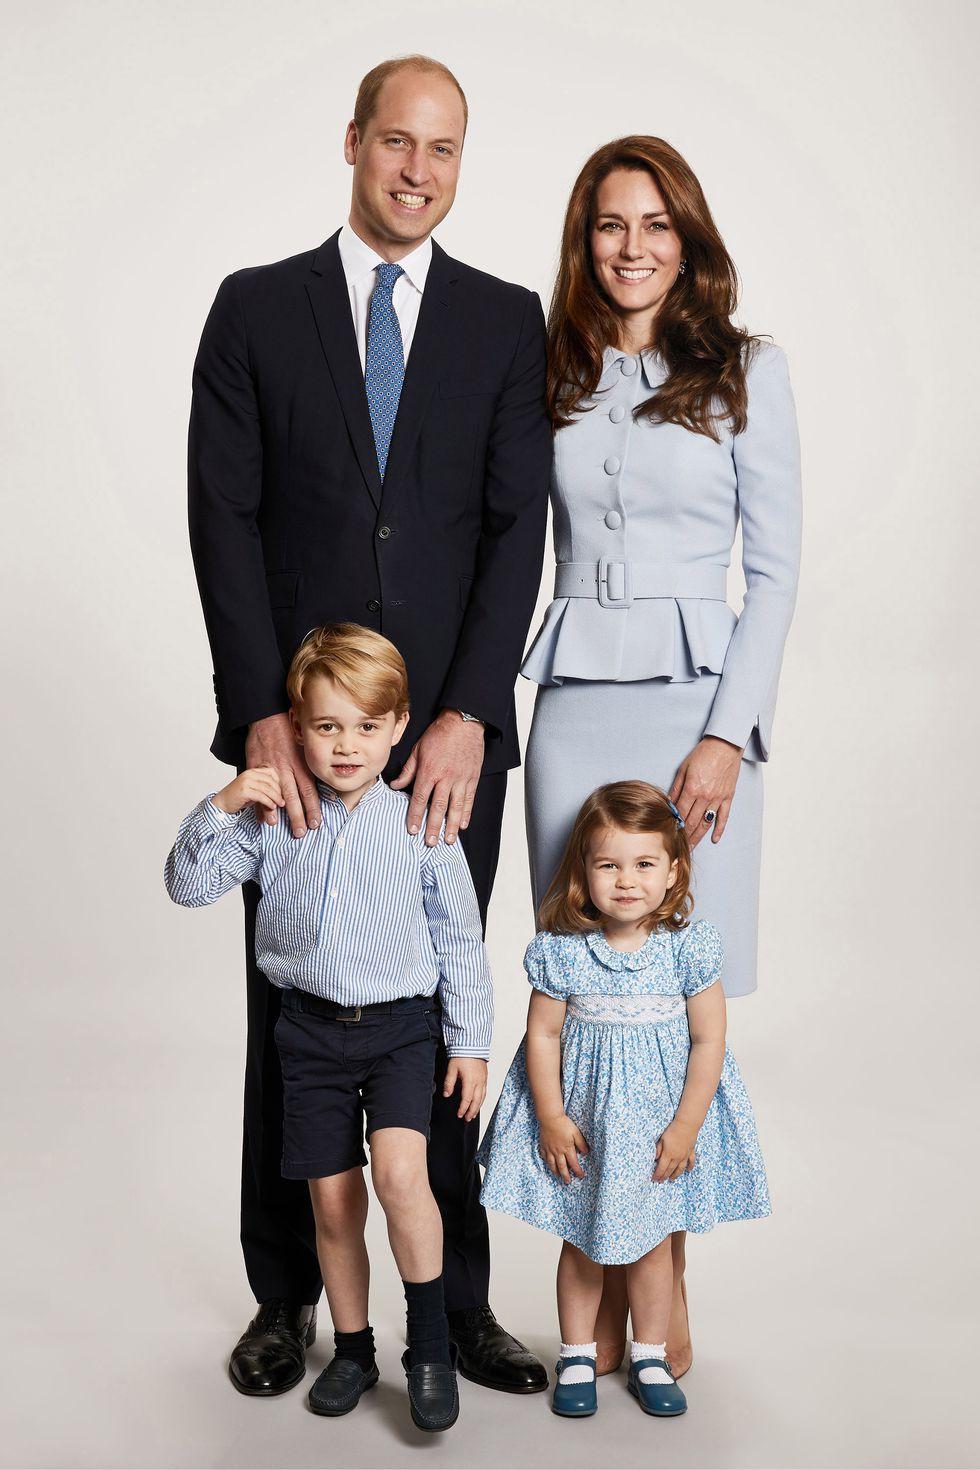 Xem 25 bức ảnh chân dung của Hoàng gia Anh, bạn sẽ hiểu thêm về 8 thế hệ của gia đình quyền lực này - Ảnh 22.